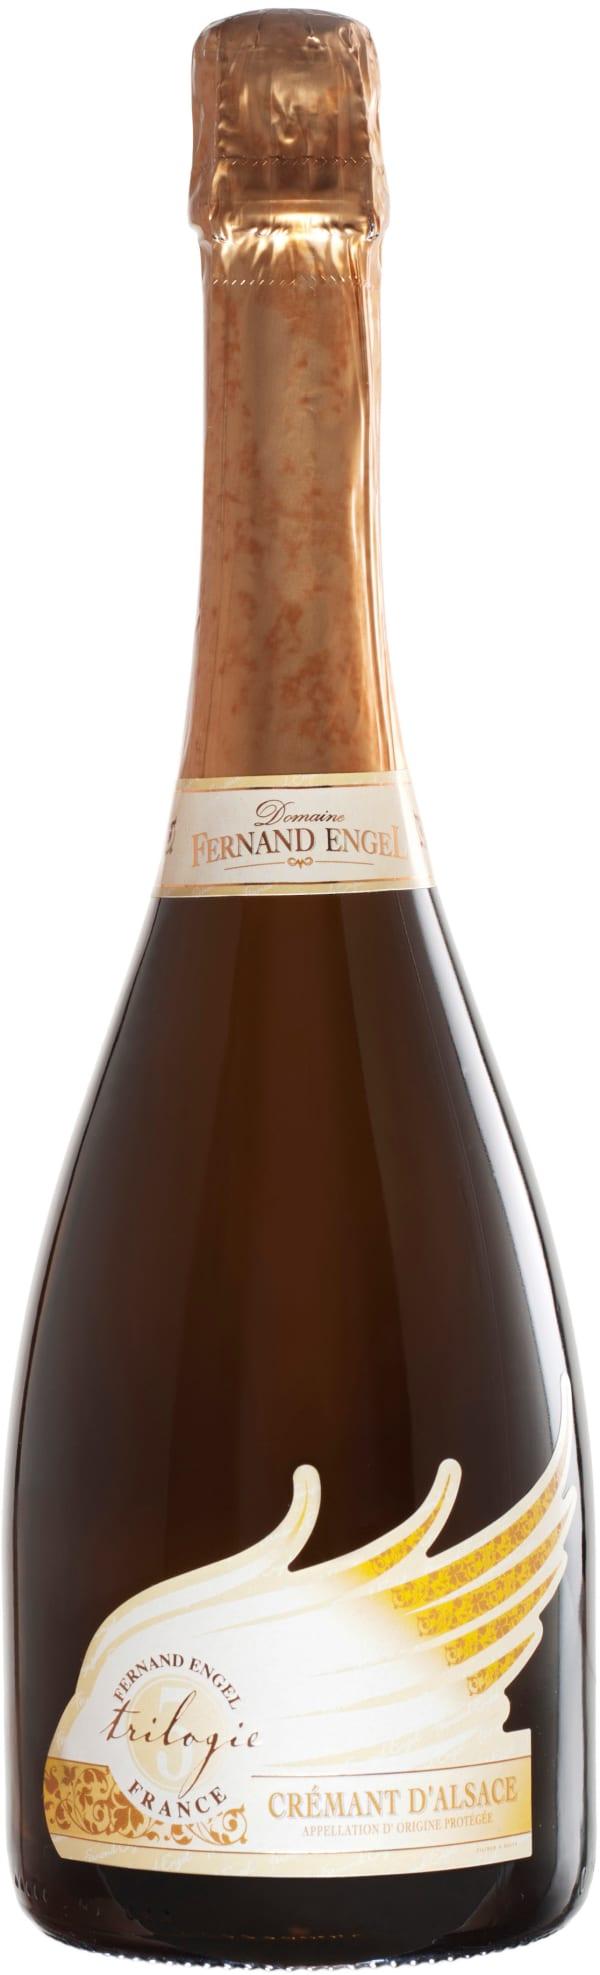 Fernand Engel Trilogie Crémant d'Alsace Dosage Zero 2010